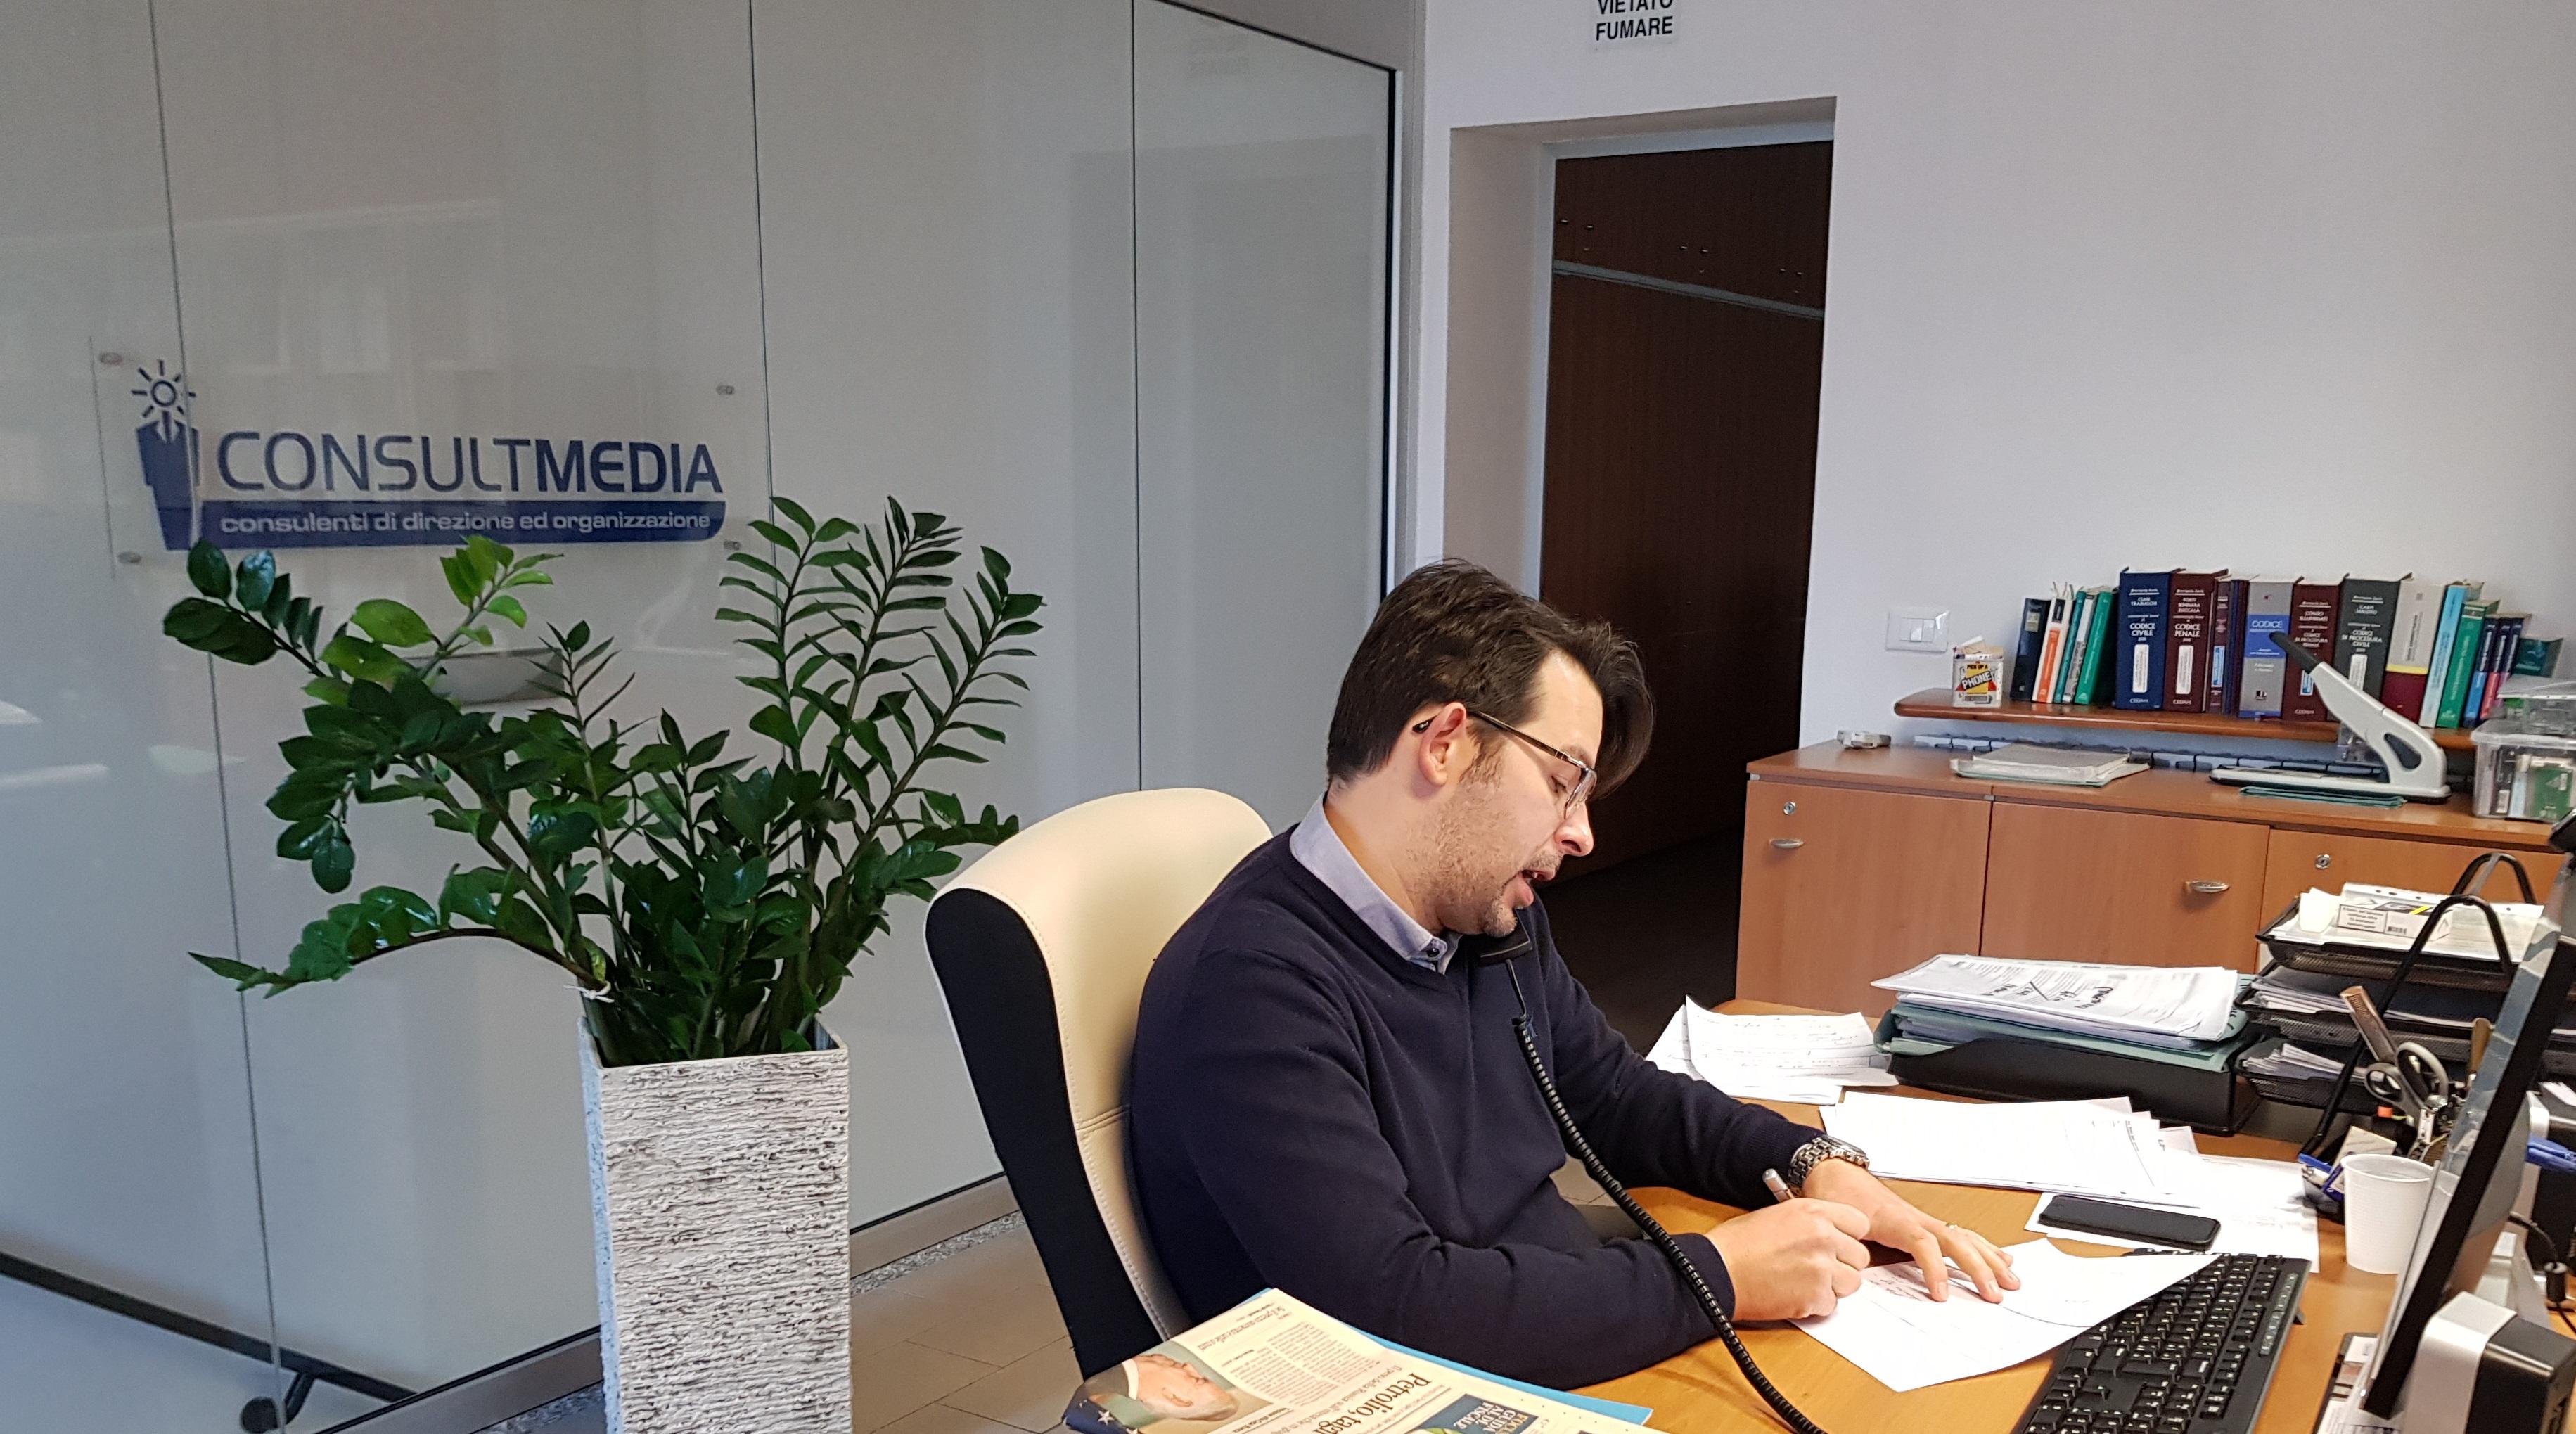 Stefano Cionini - Editoria. Dal 01/01/2018 operativa la nuova disciplina degli stati di crisi aziendale